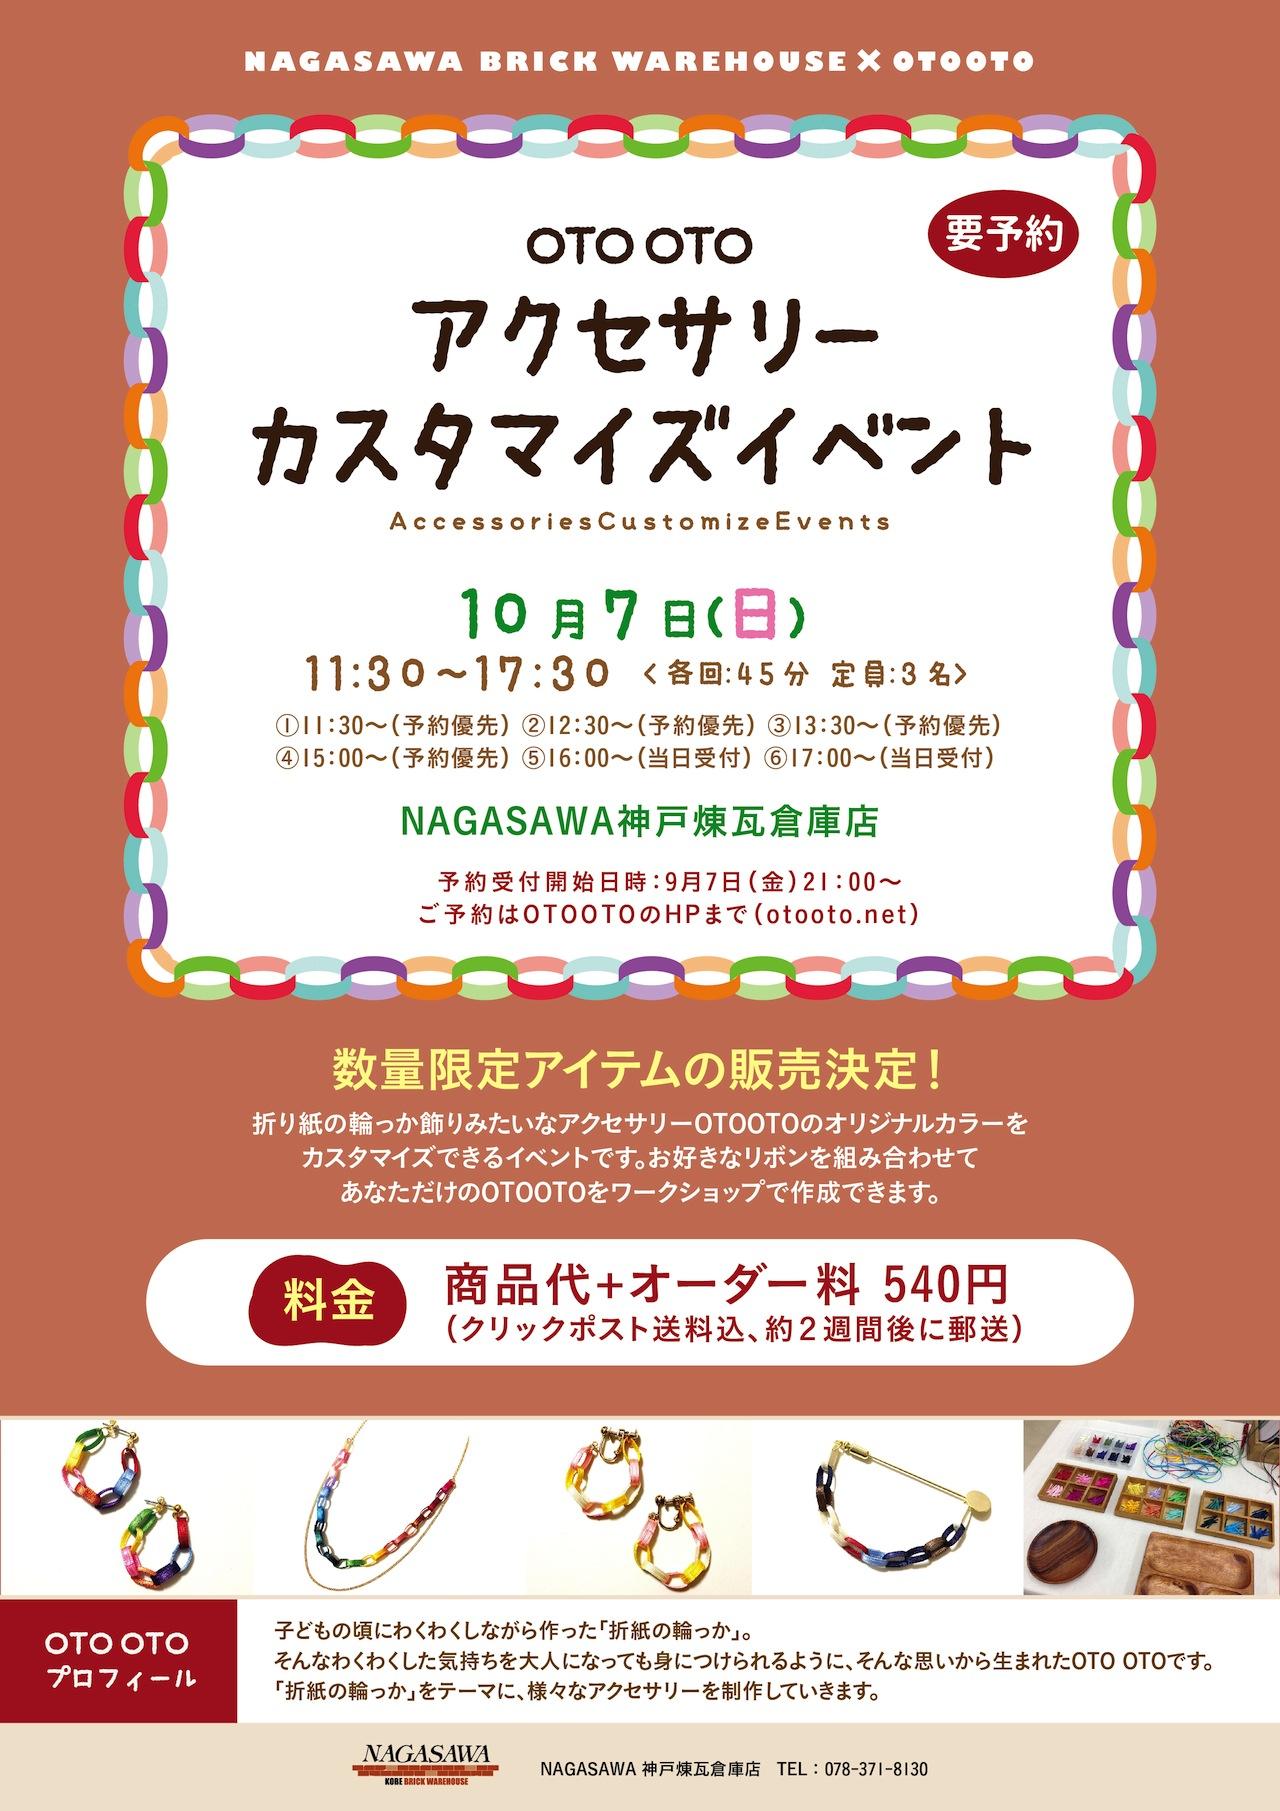 【神戸煉瓦倉庫店】OTO OTO アクセサリーカスタマイズイベント